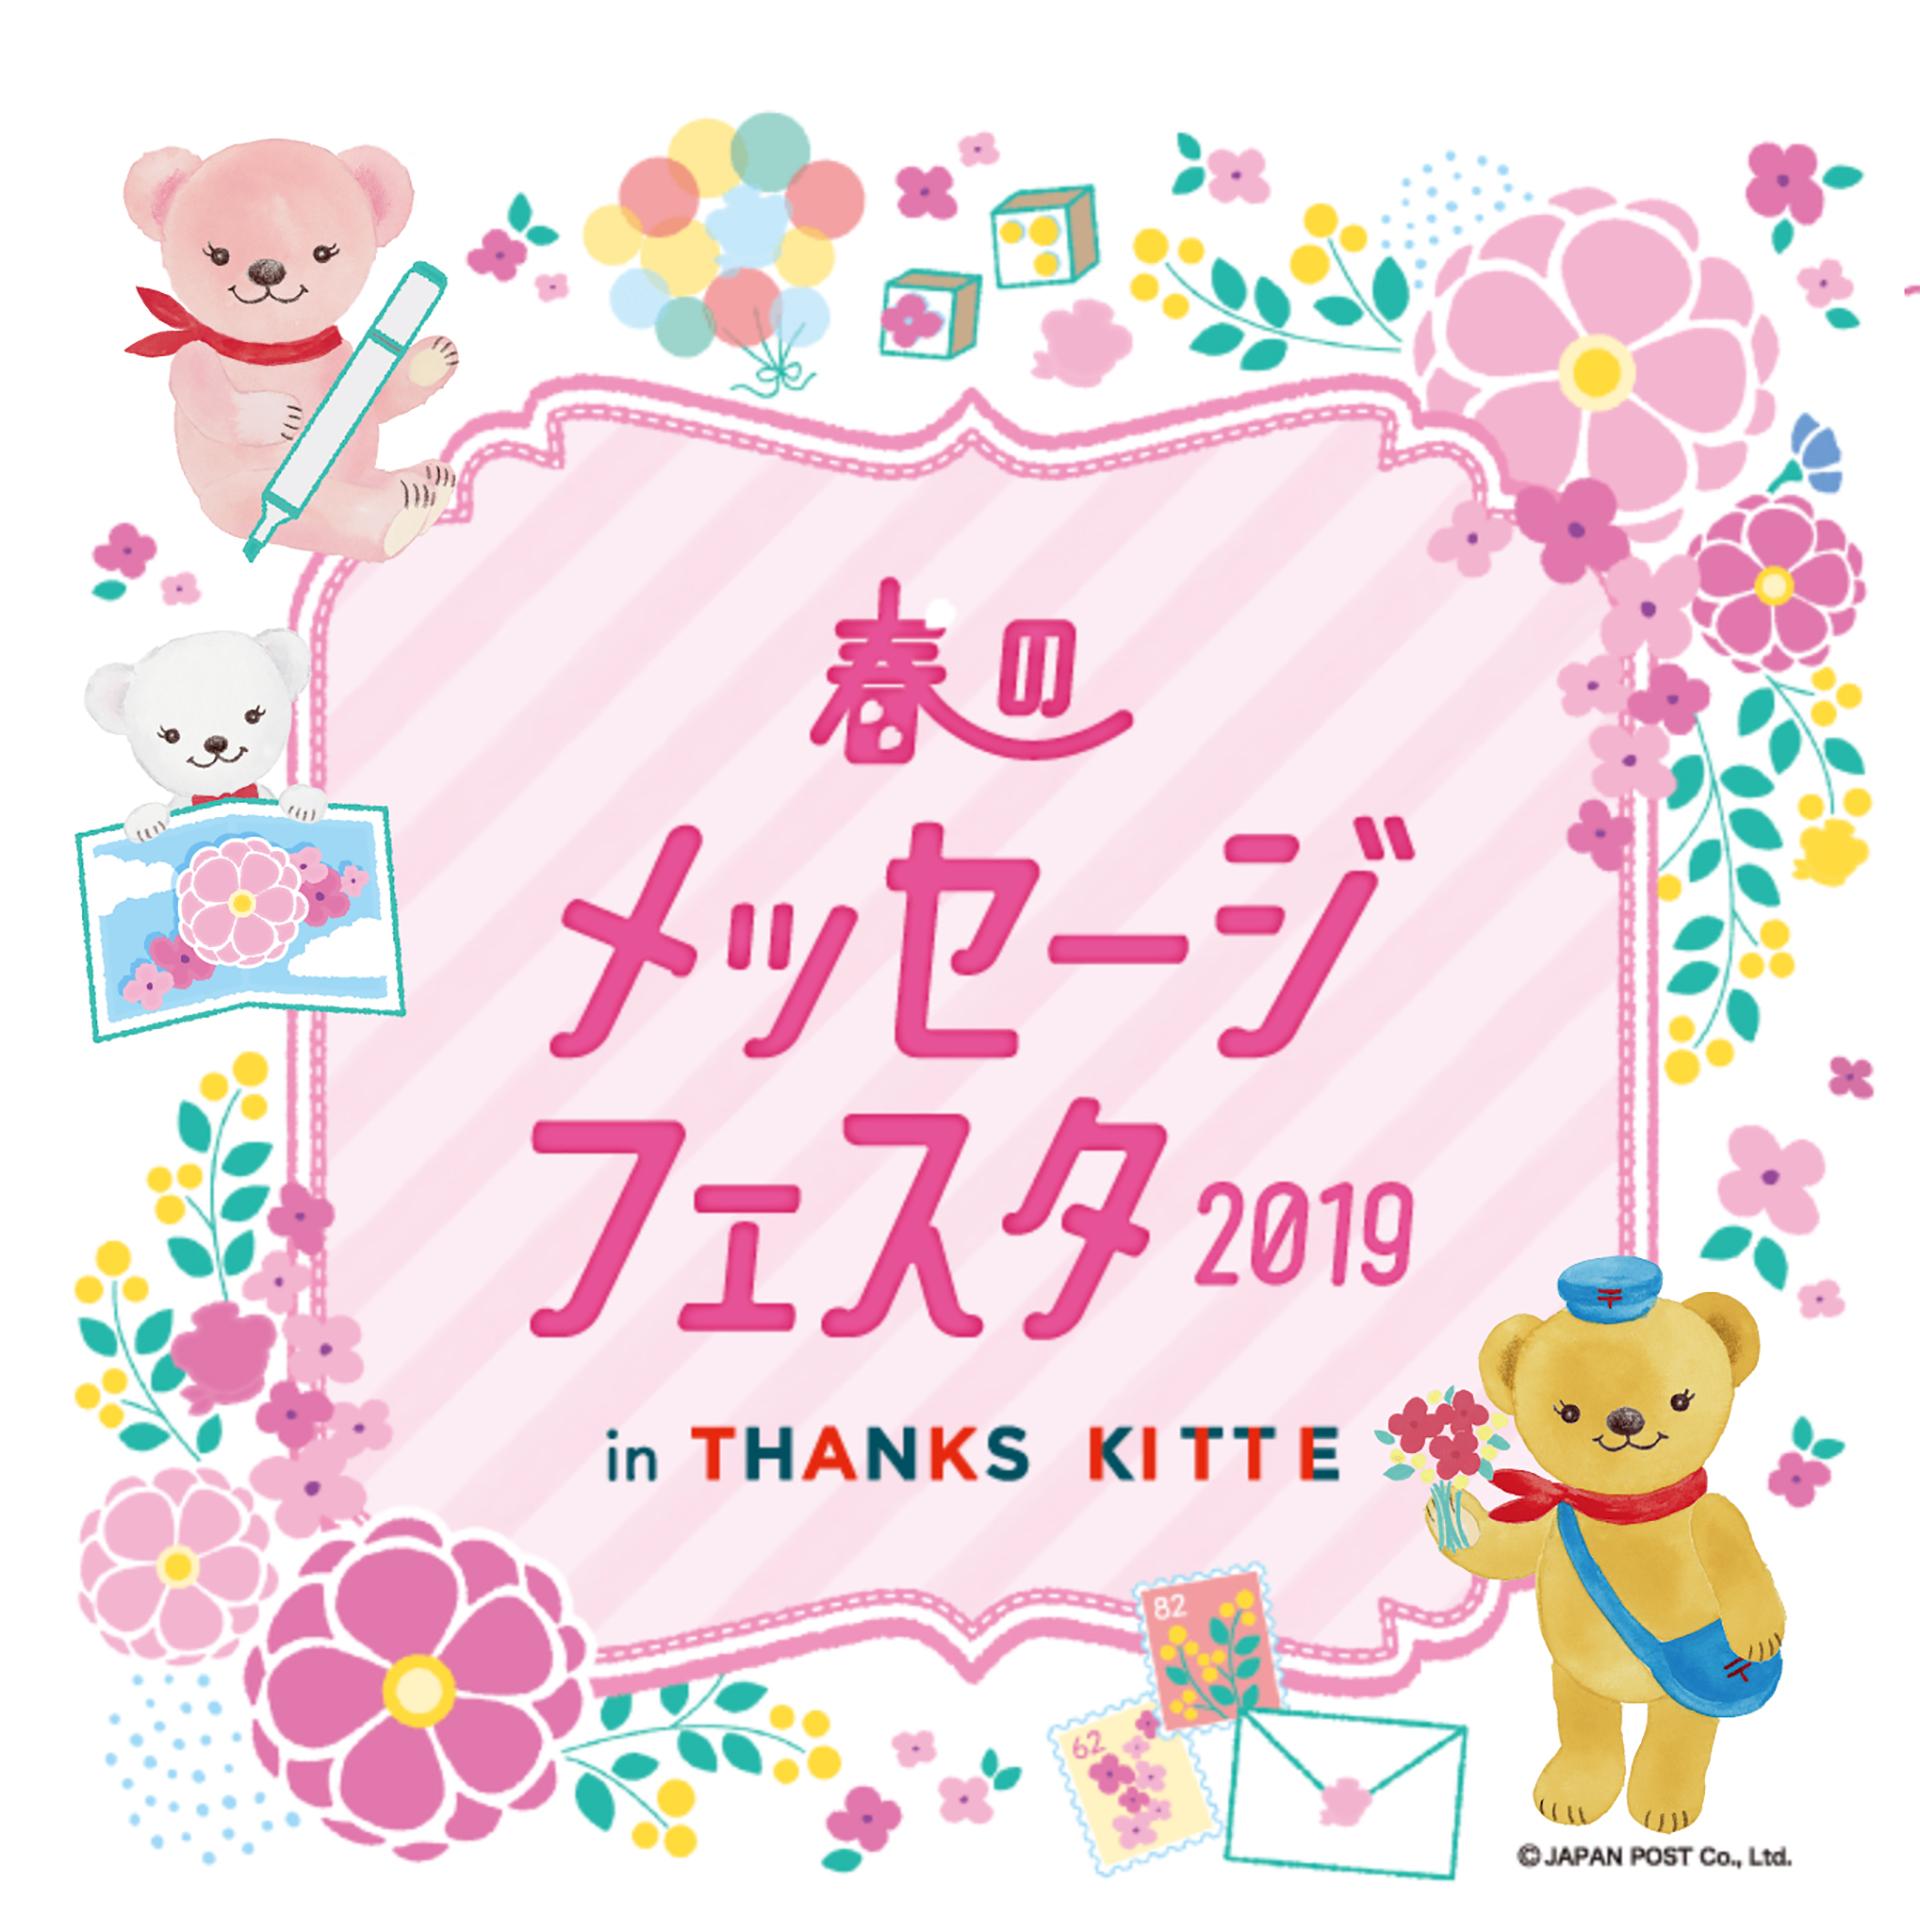 春のメッセージフェスタ2019 in THANKS KITTE